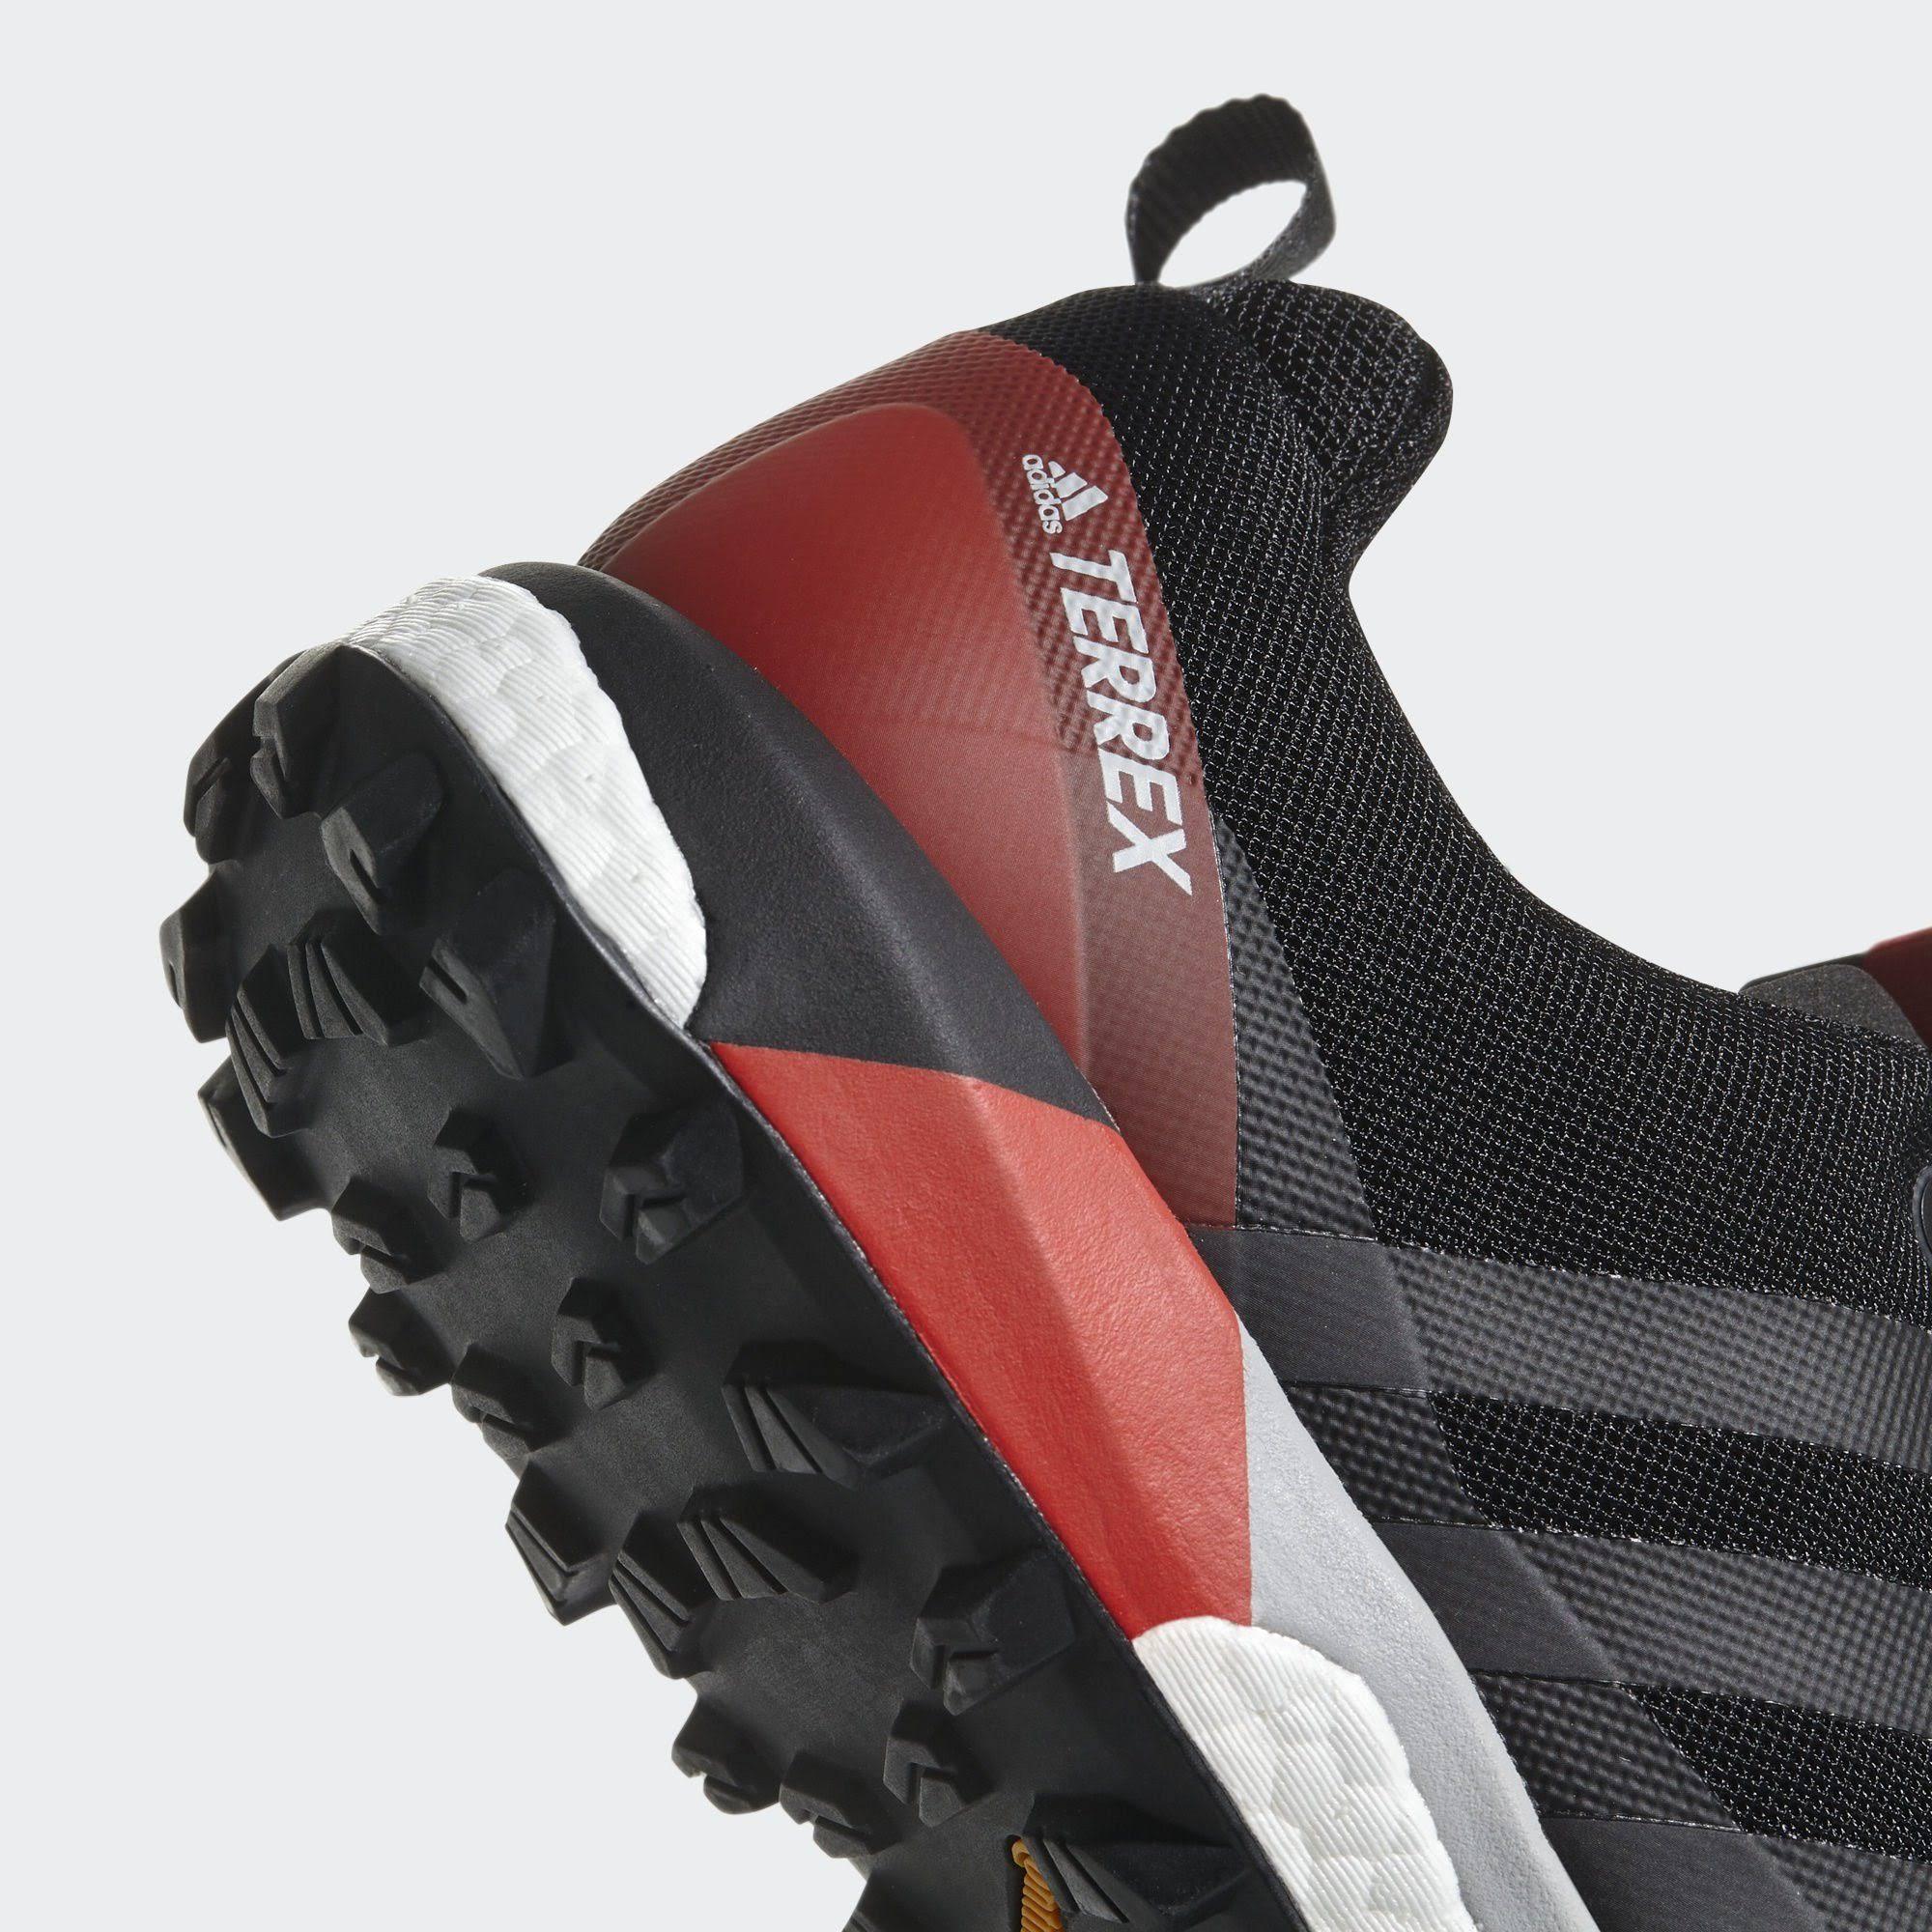 2 Terrex 42 Outdoorschuh Performance 3 schwartz Rot Adidas Schwarz Agravic Black YBwRg